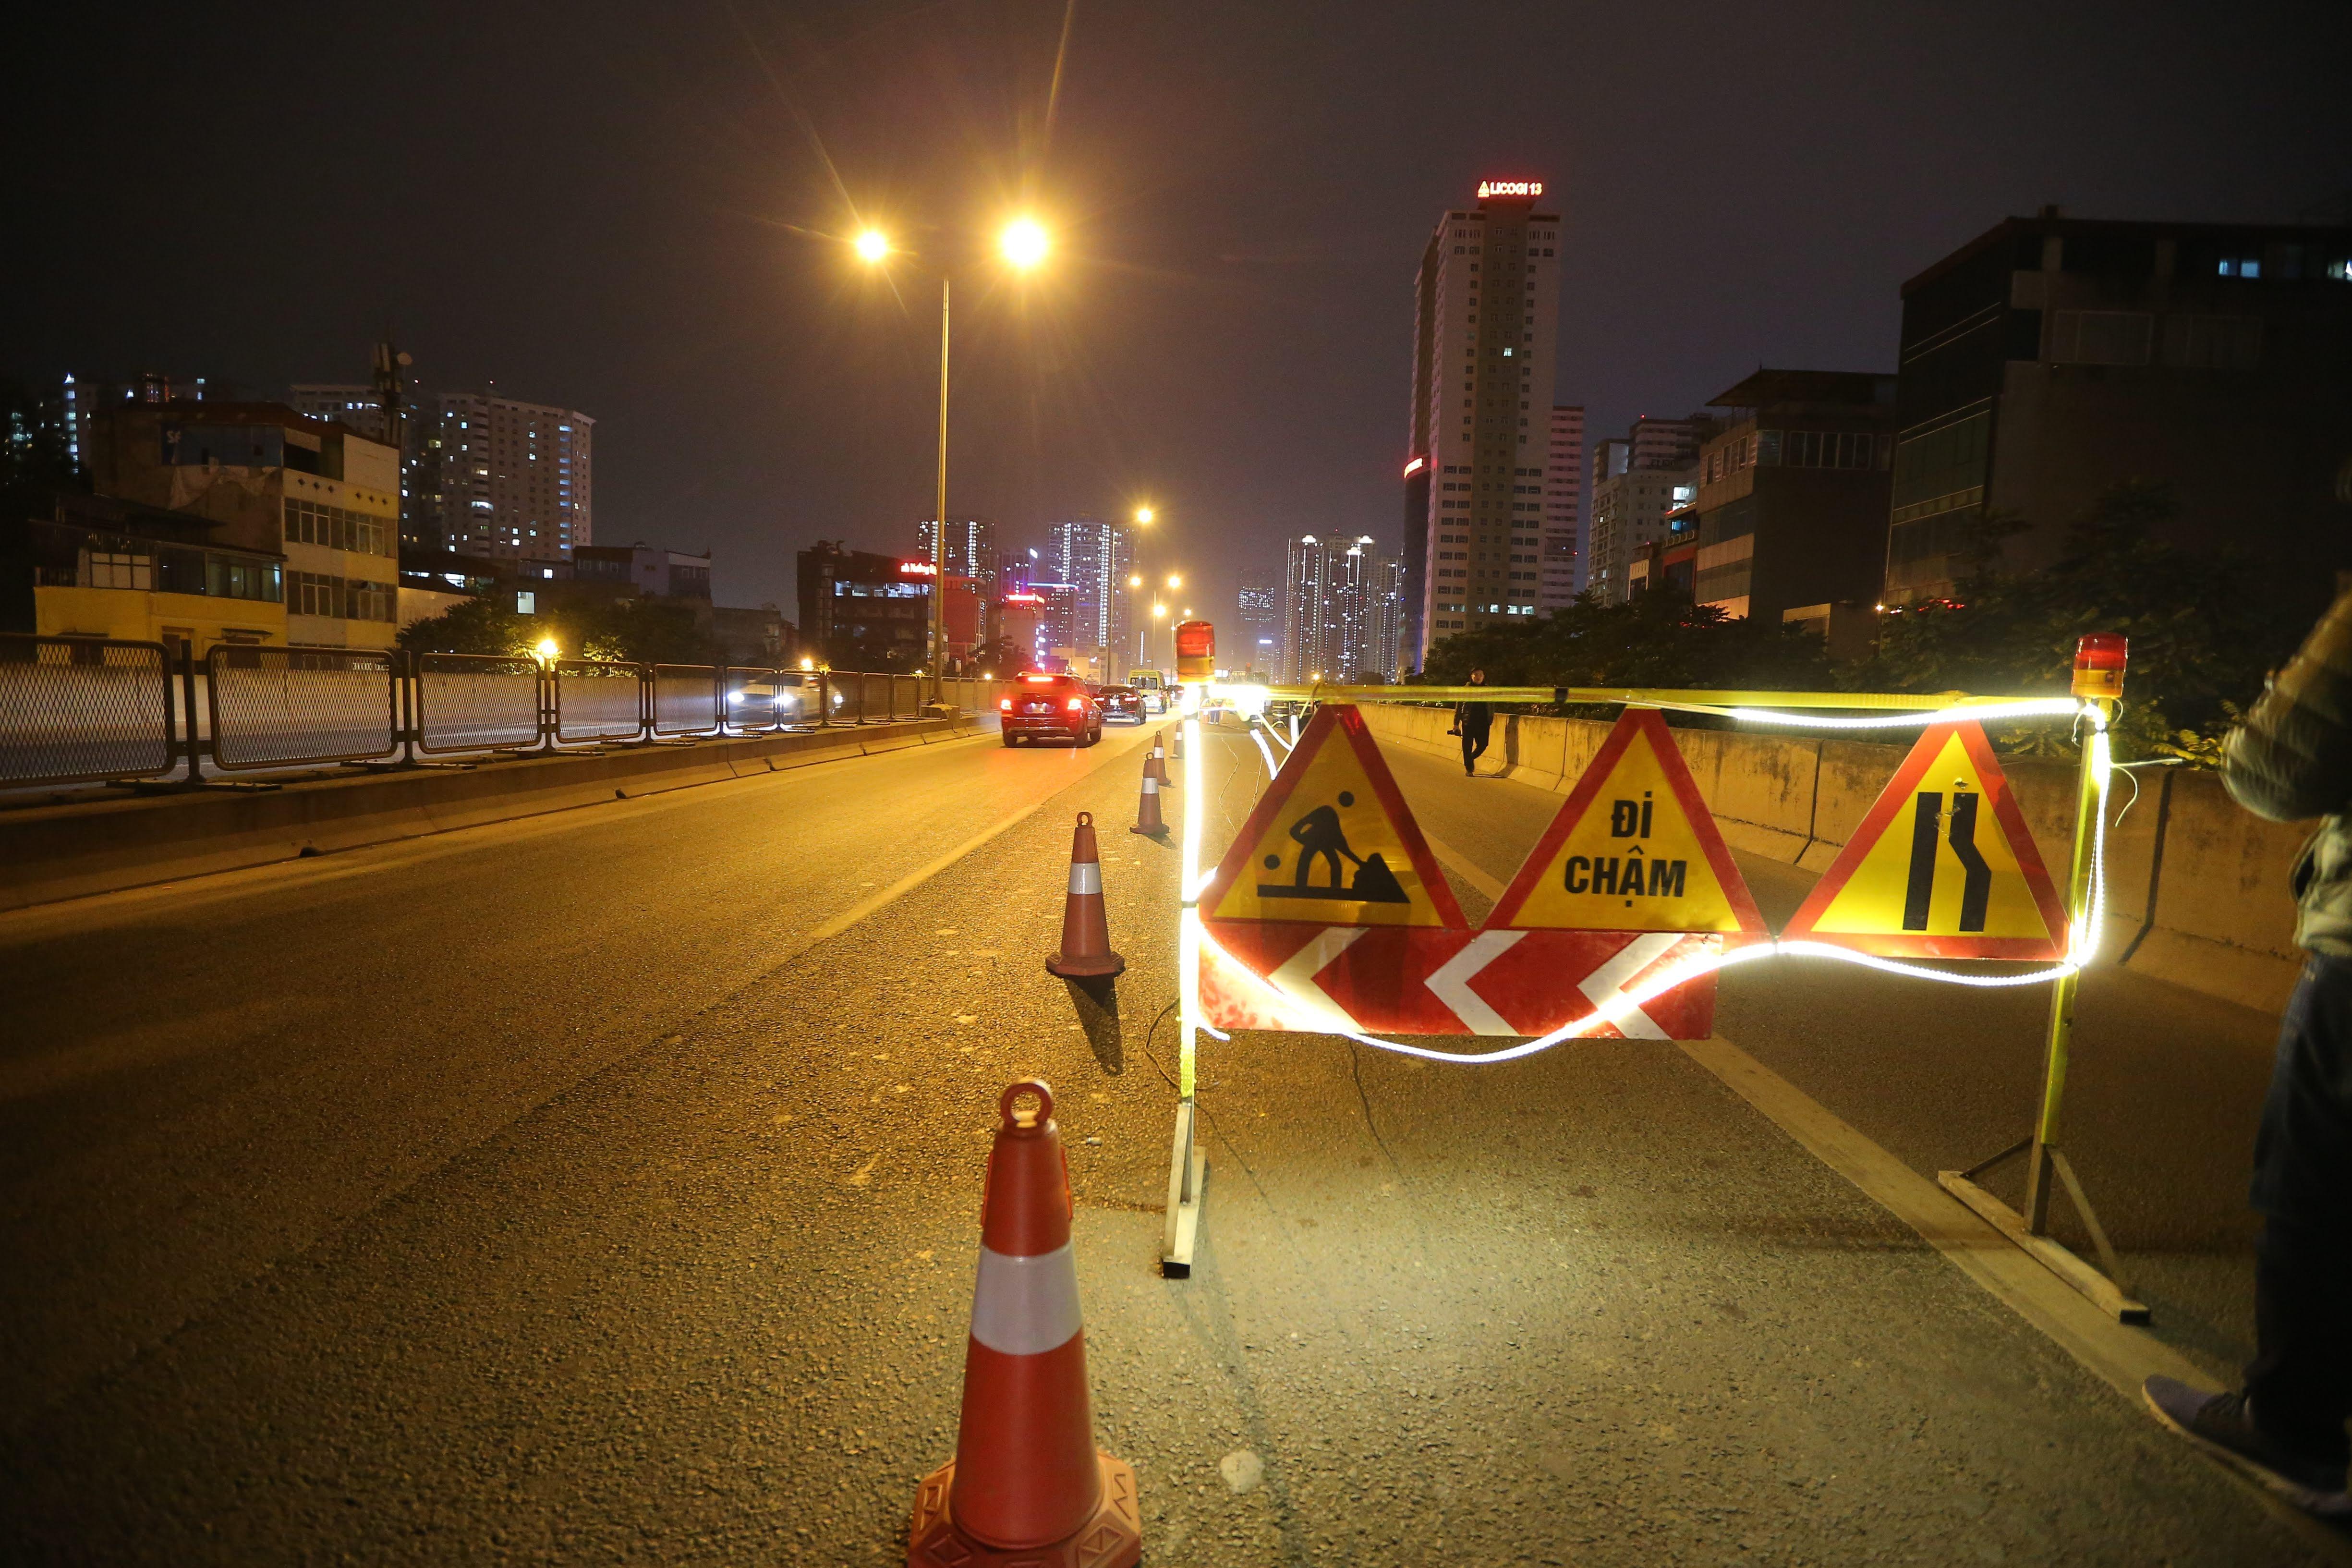 Một nửa làn đường mỗi bên được chắn lại để phục vụ việc thi công. Tuy nhiên, nhiều người nhận định dù làm đêm nhưng vẫn rất nguy hiểm vì nhiều xe di chuyển tốc độ cao vào ban đêm.